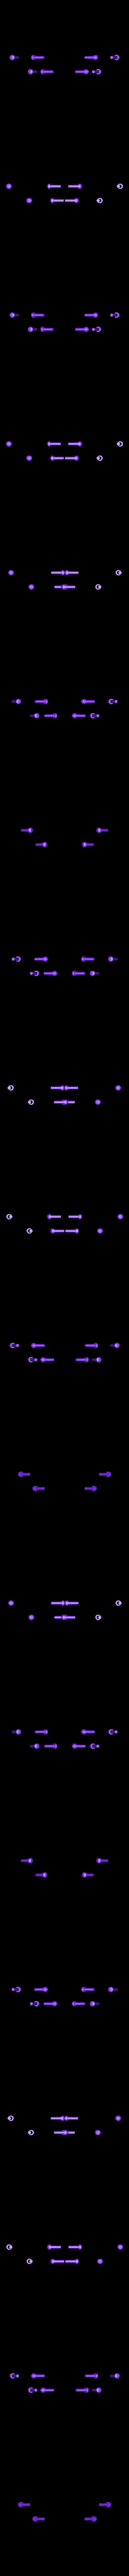 Bolts.stl Télécharger fichier STL gratuit Possible Réservoir Sci-Fi - MK 01 • Plan imprimable en 3D, CarlCreates